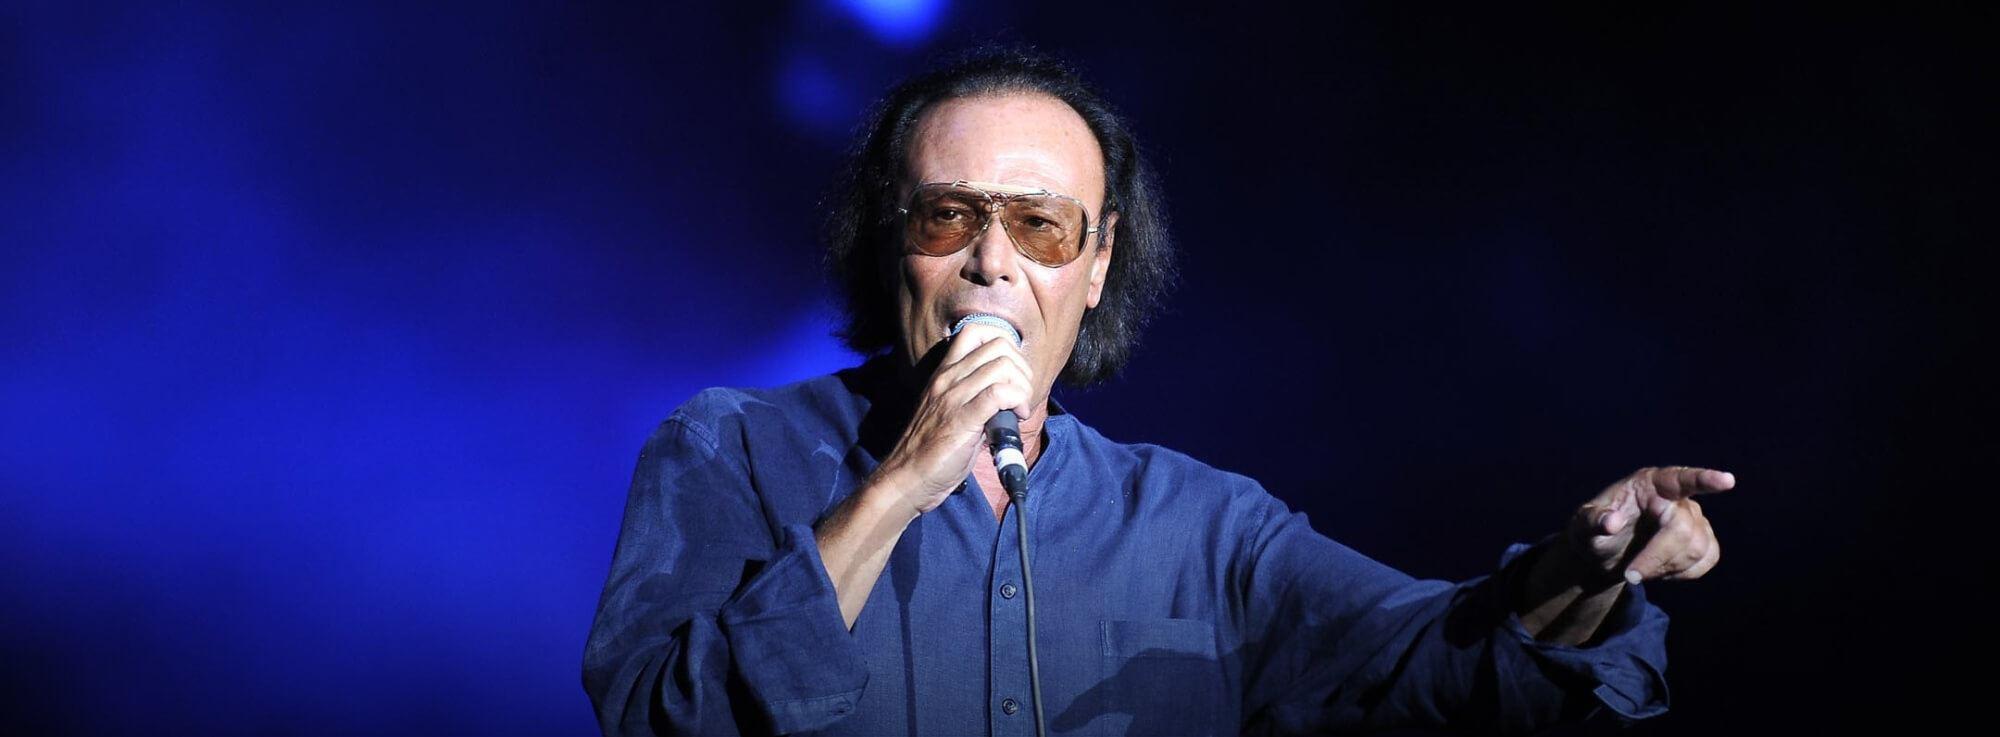 Terlizzi: Antonello Venditti in concerto